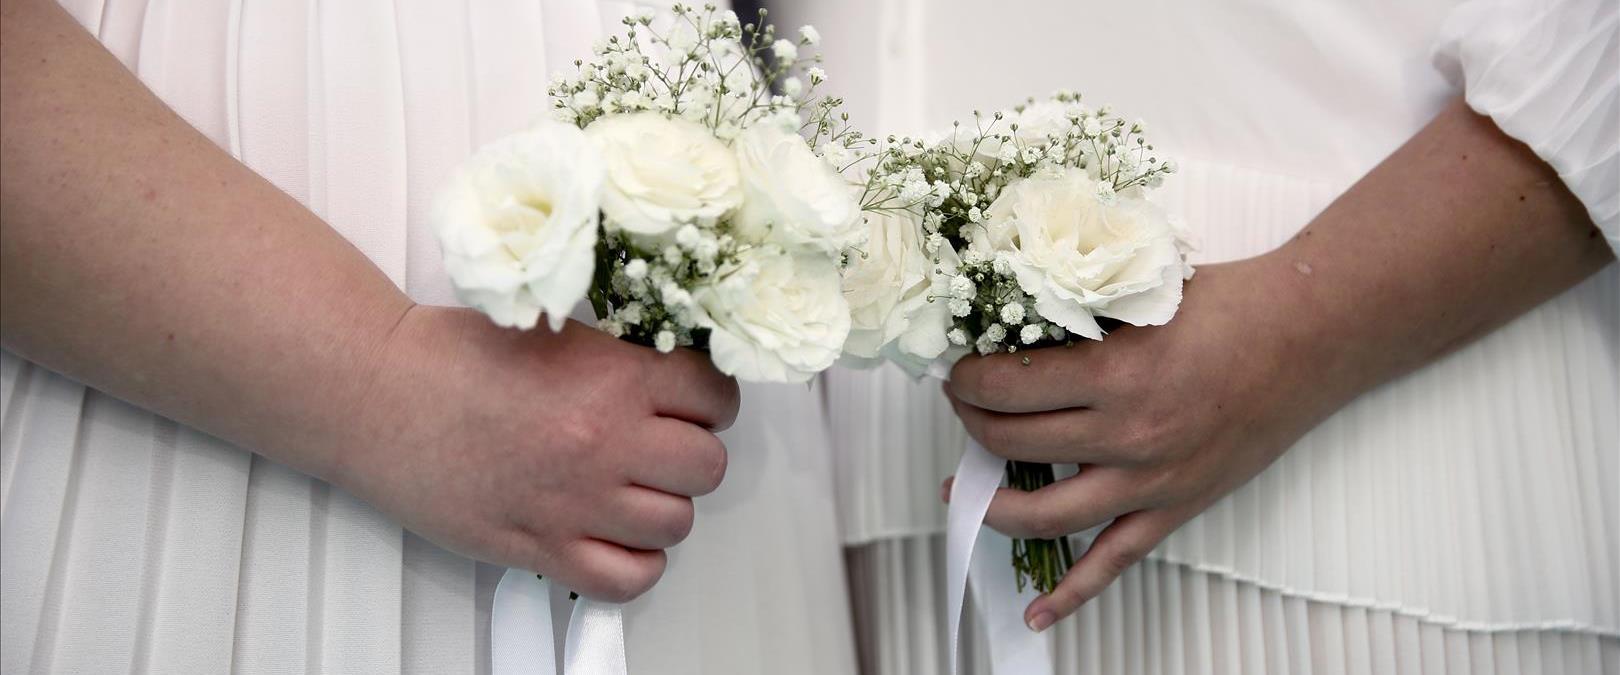 חתונה חד מינית בתל אביב, יוני 2019